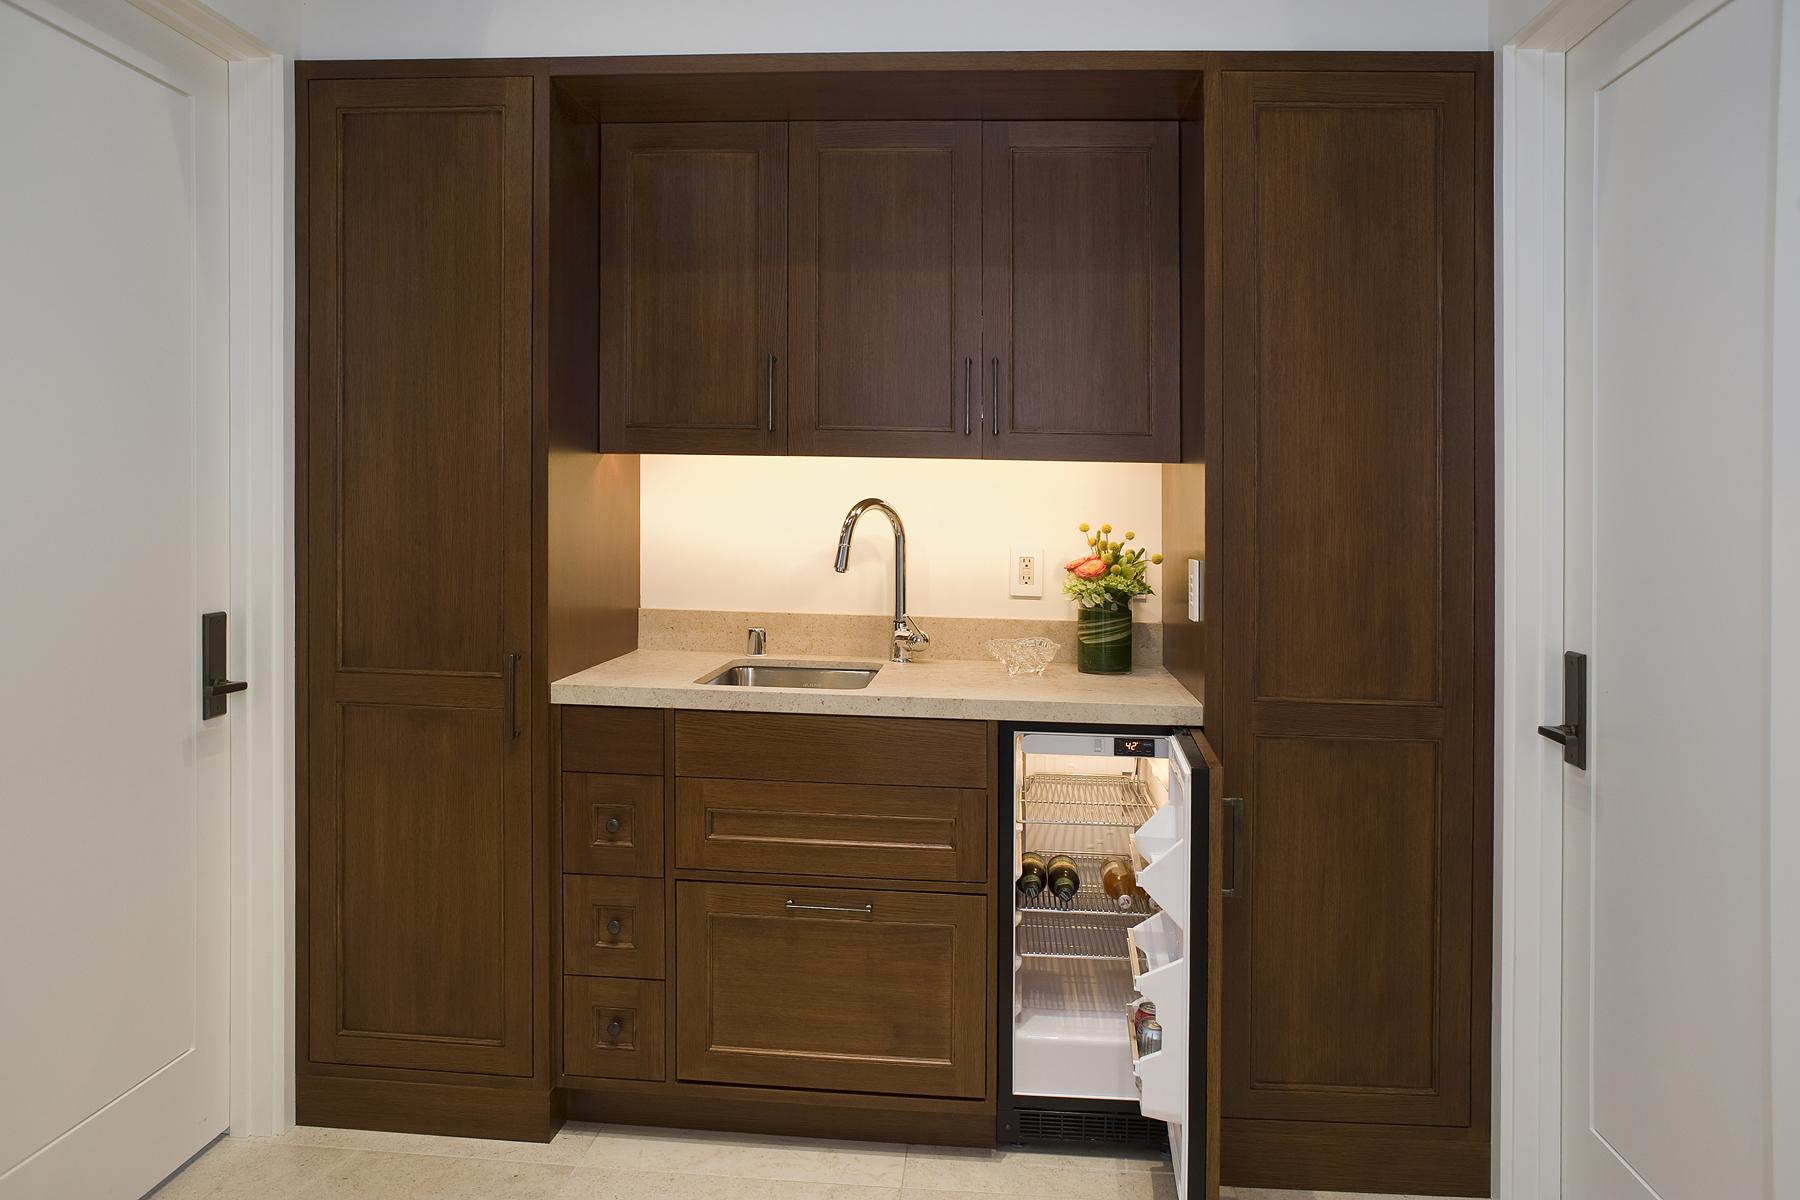 Cabinet DSC_9990-2.jpg